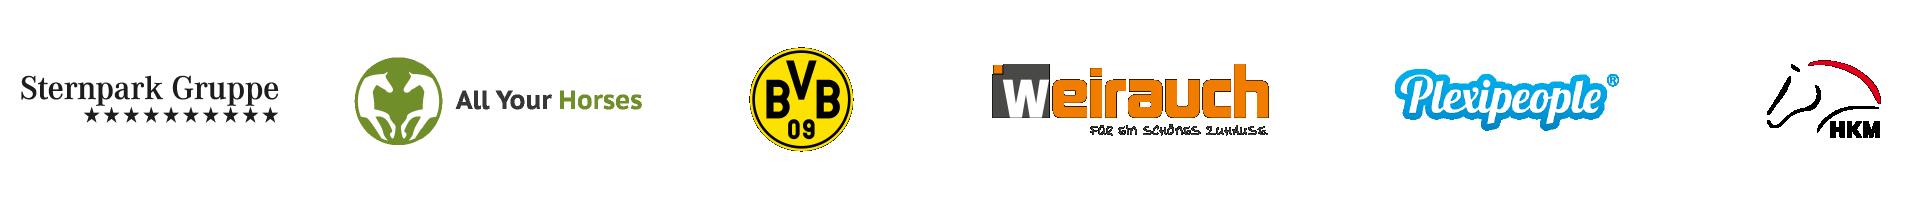 Logos bestehender Referenzen